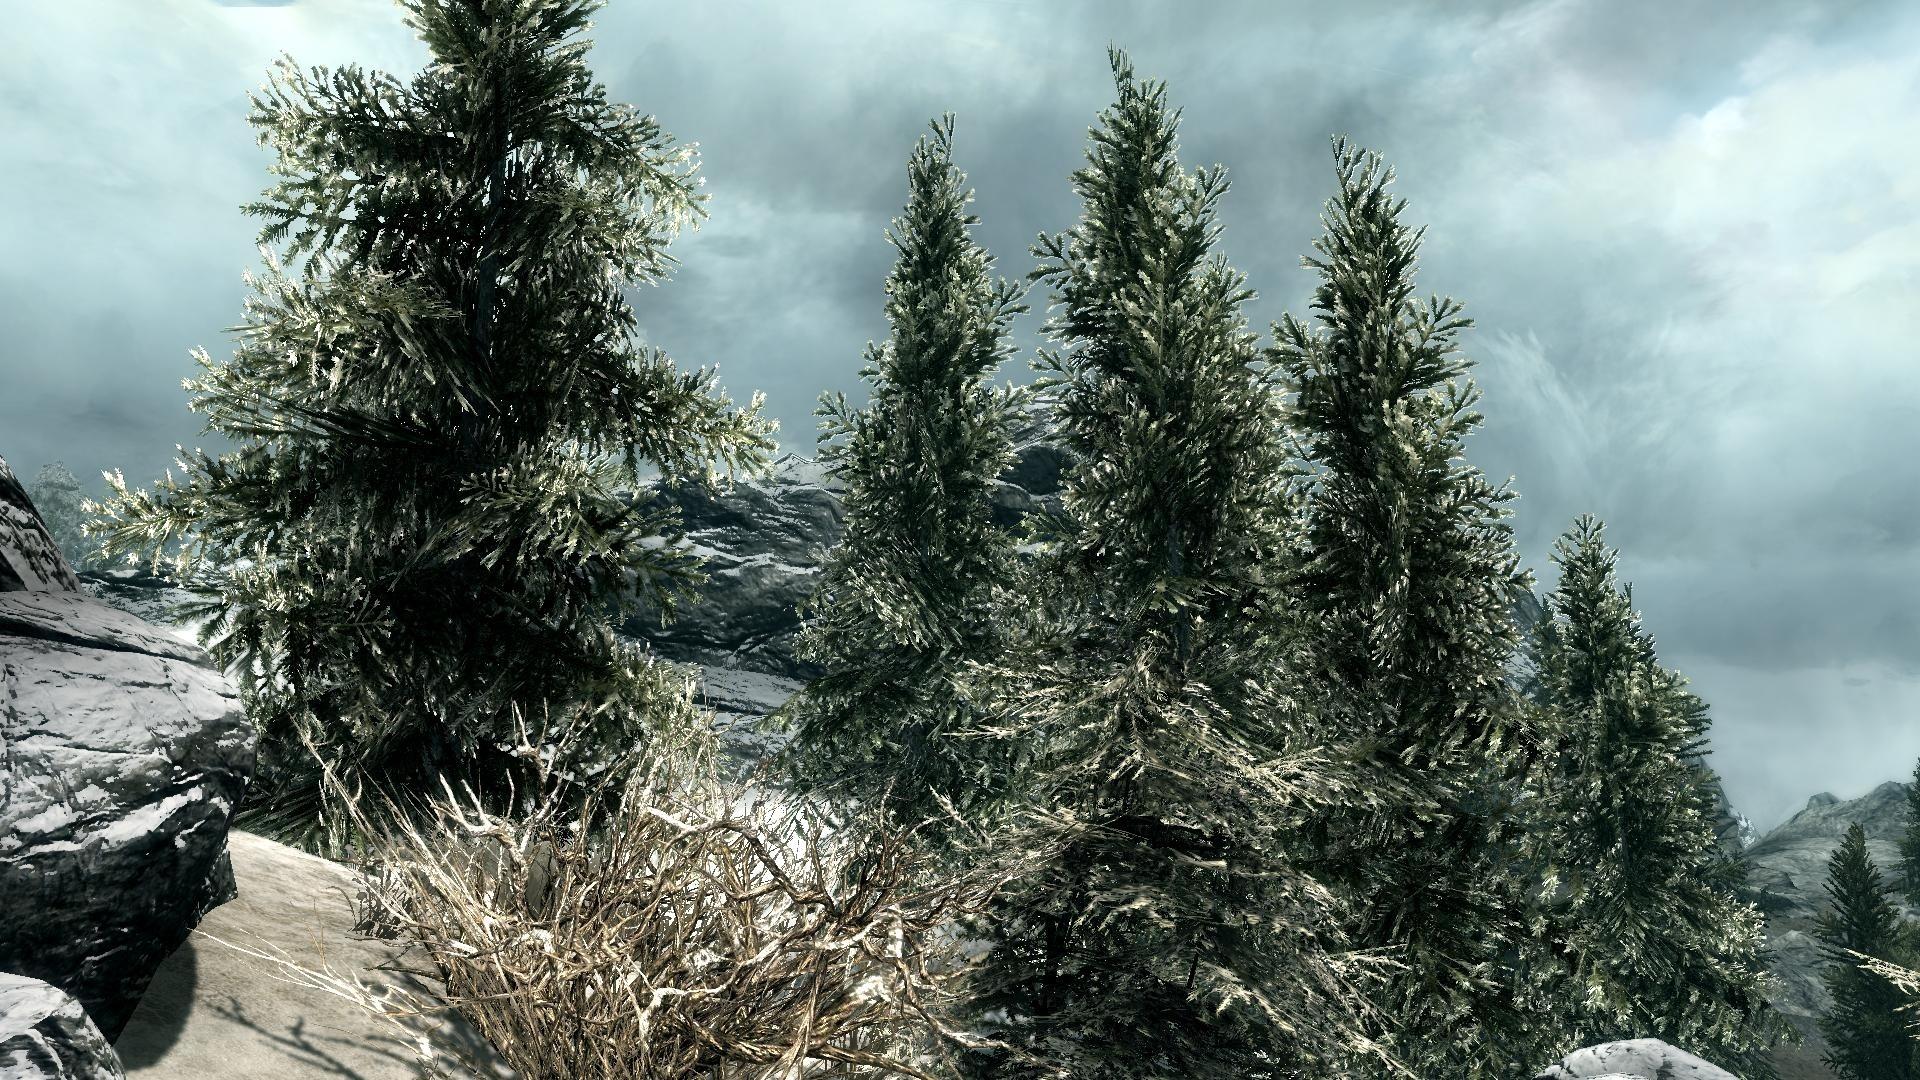 Next-Gen-Mods für Skyrim - So schön kann Skyrim auf dem PC sein ...